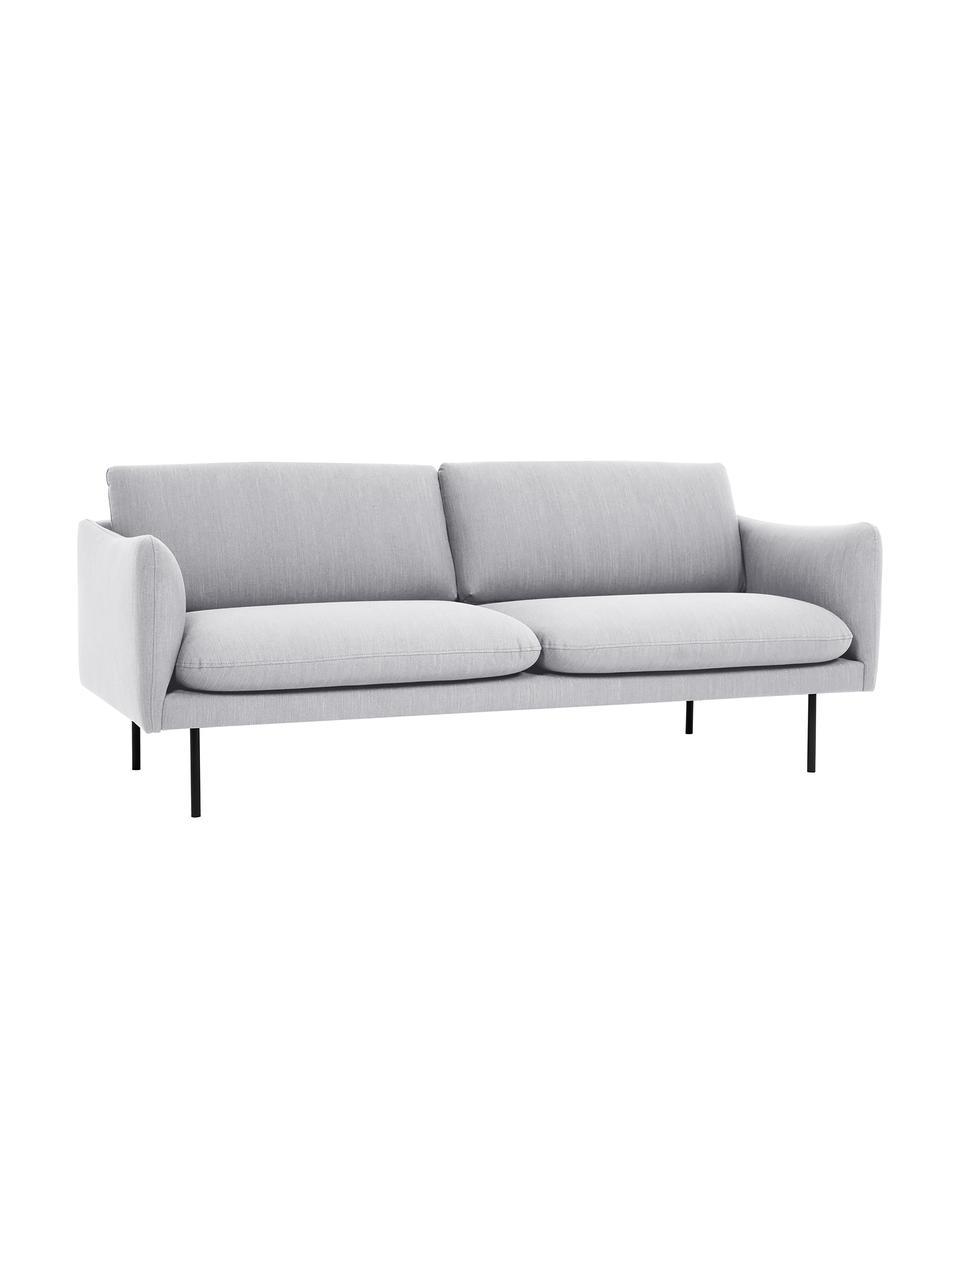 Canapé 2places gris clair Moby, Tissu gris clair